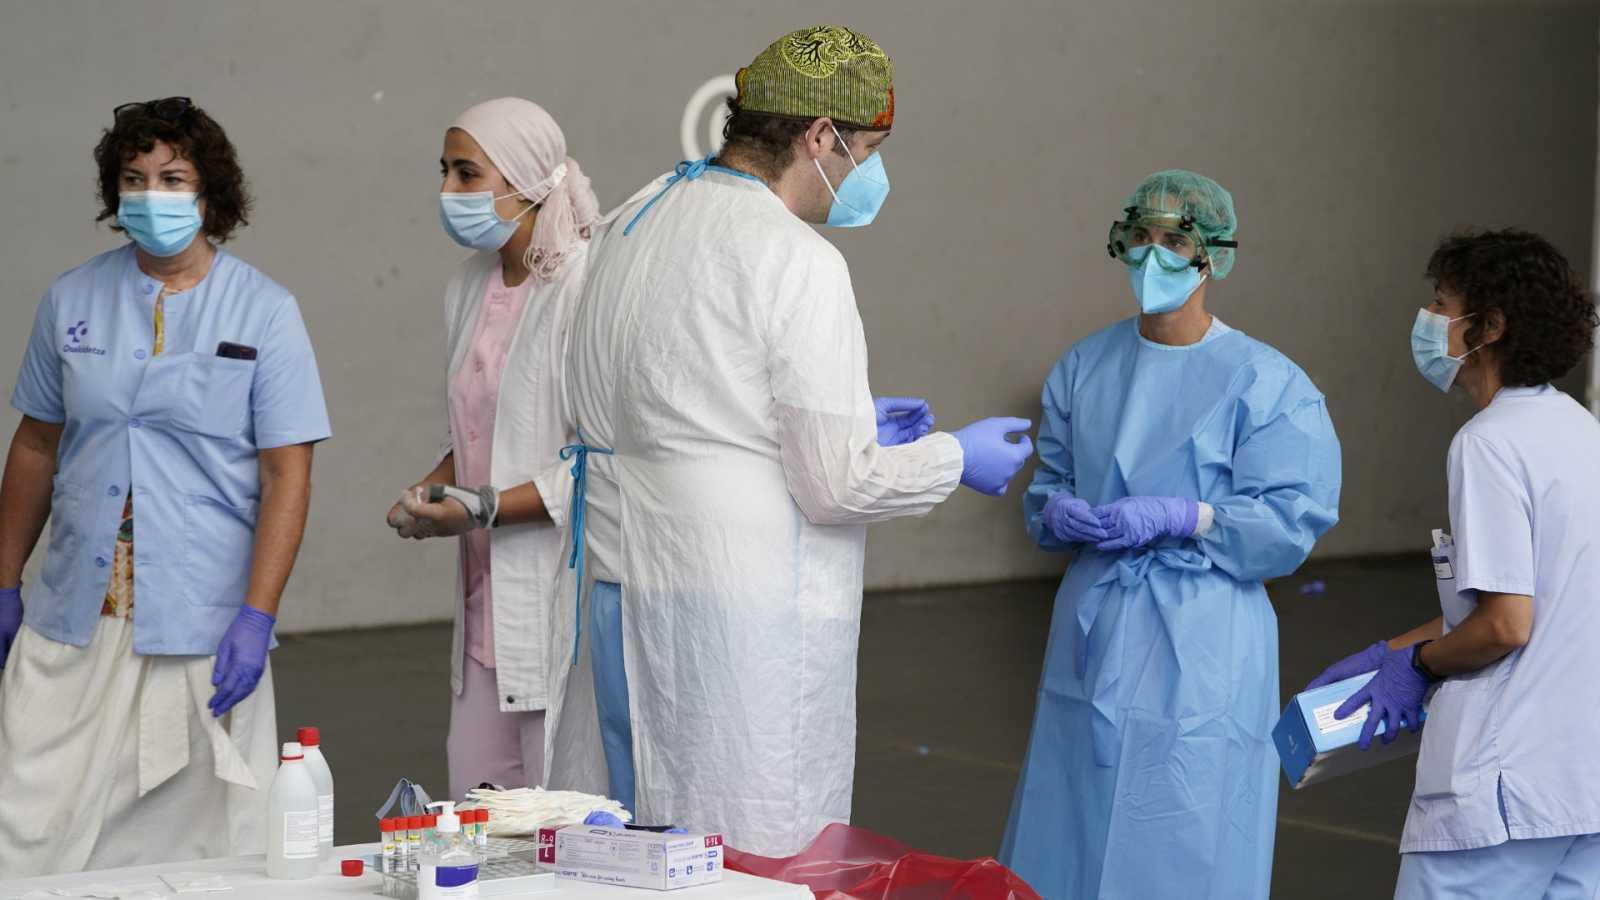 España, el país europeo con mayor tasa de contagios en las dos últimas semanas